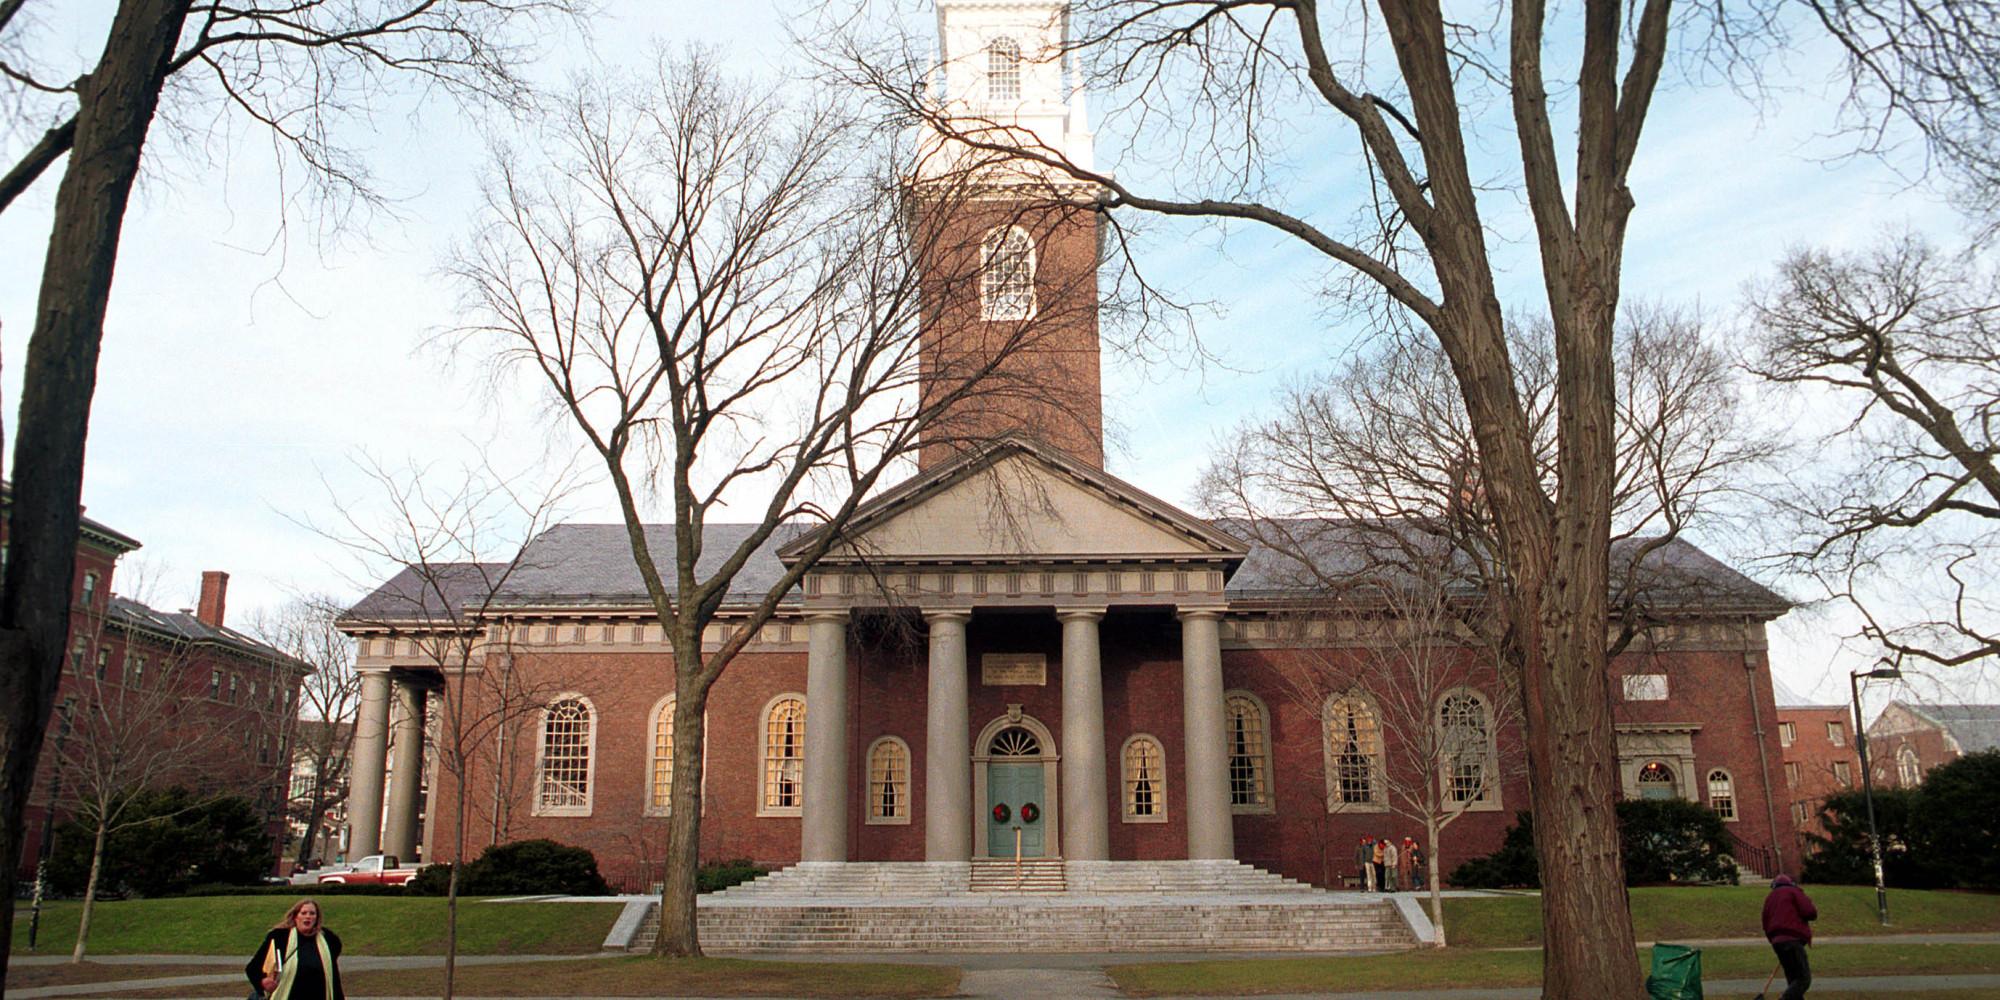 Harvard law school campus building